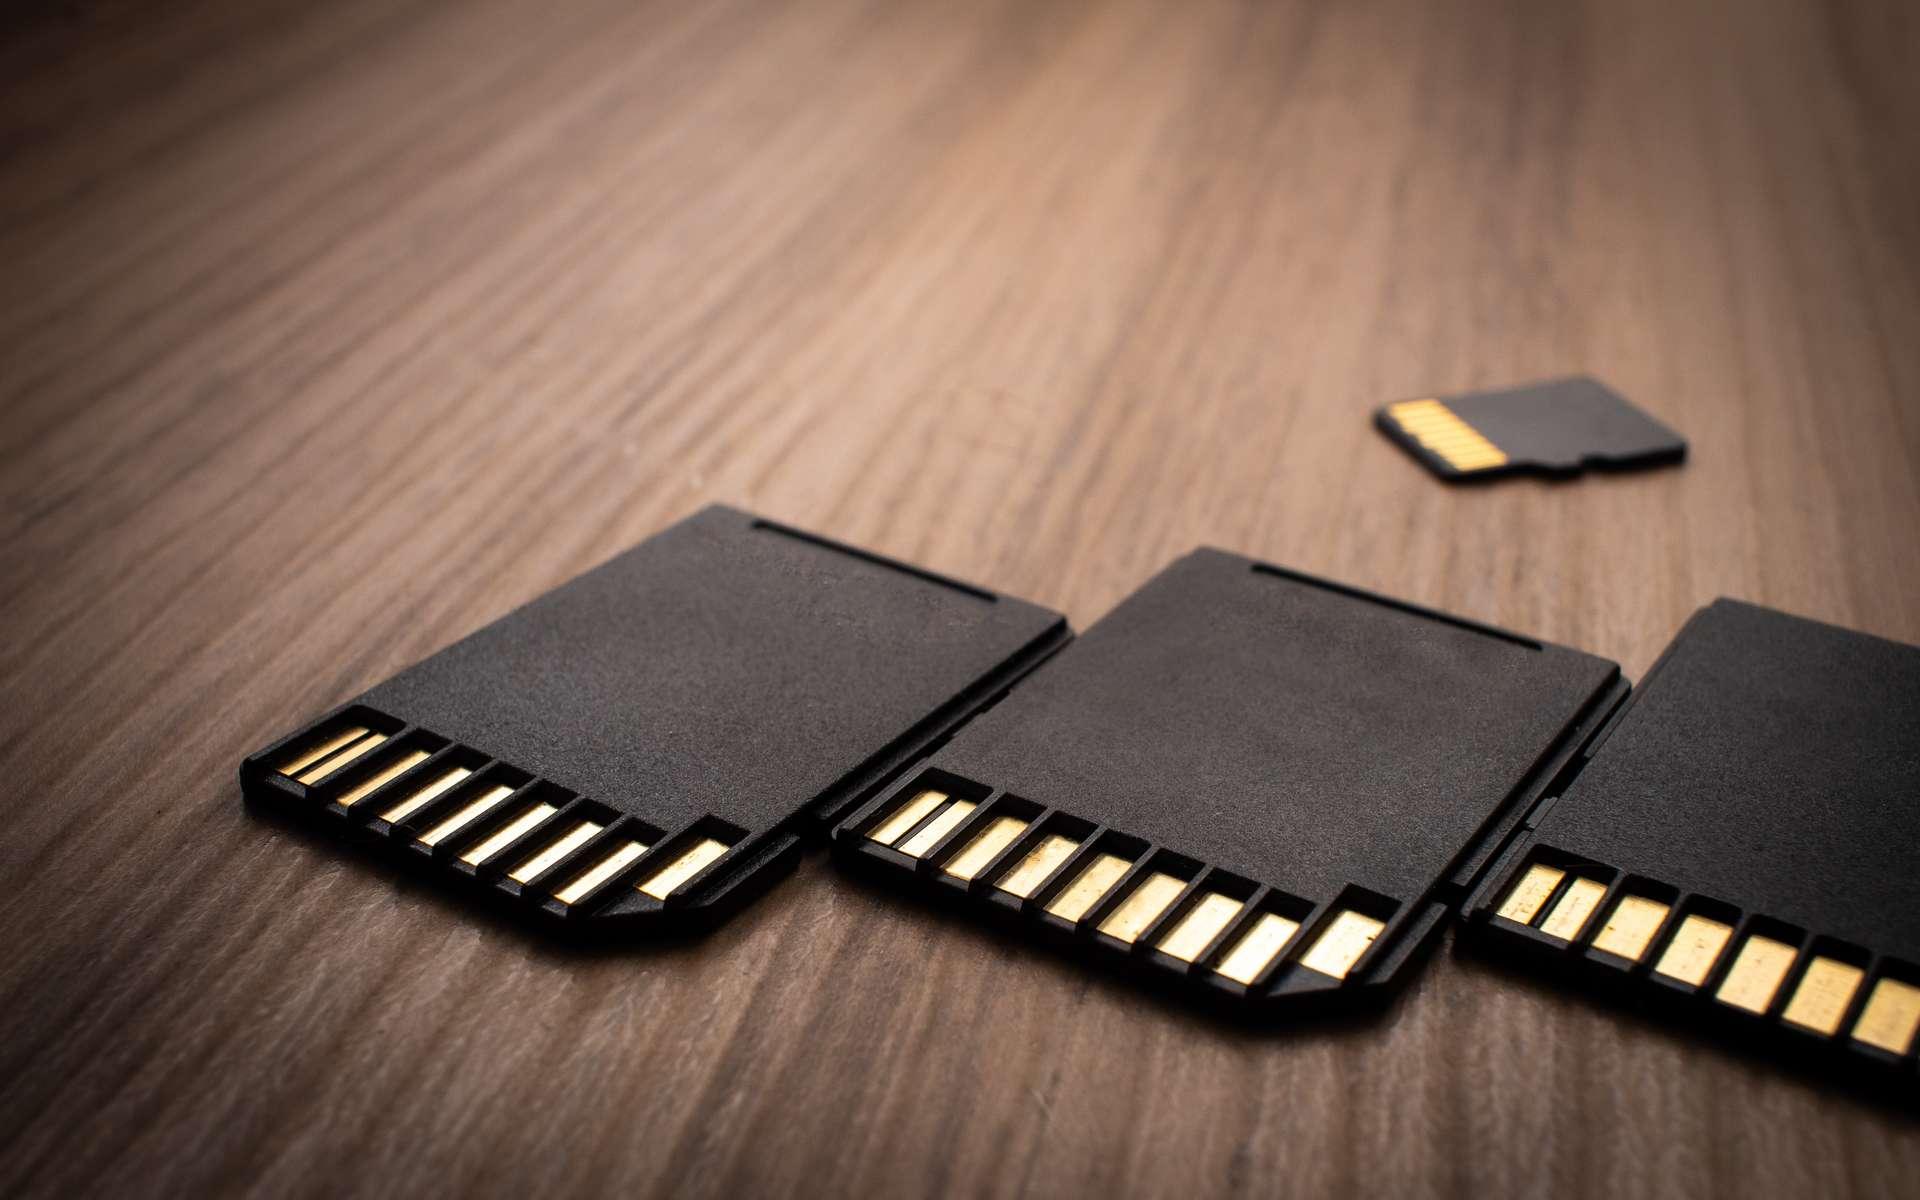 Périphérique de stockage amovible, la carte mémoire est utilisée pour sauvegarder les données. © rmcarvalhobsb, Adobe Stock